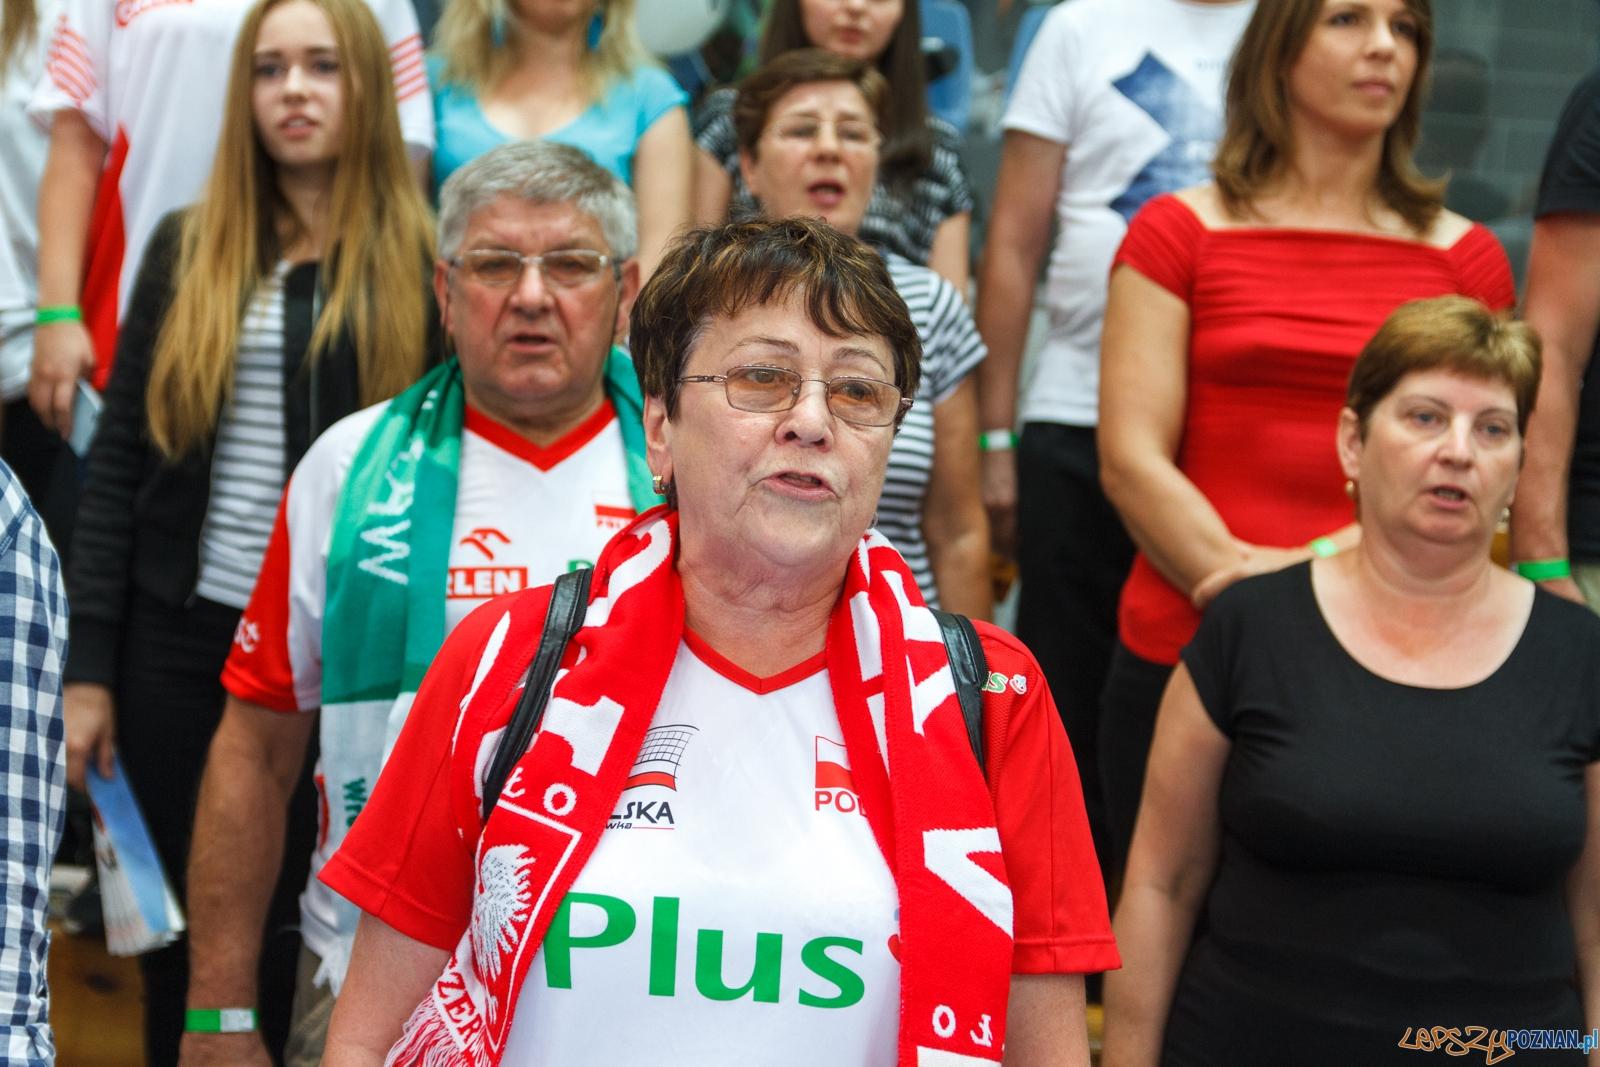 XII Memorał Arkadiusza Gołasia - Murowana Goślina 17.09.2016  Foto: LepszyPOZNAN.pl / Paweł Rychter